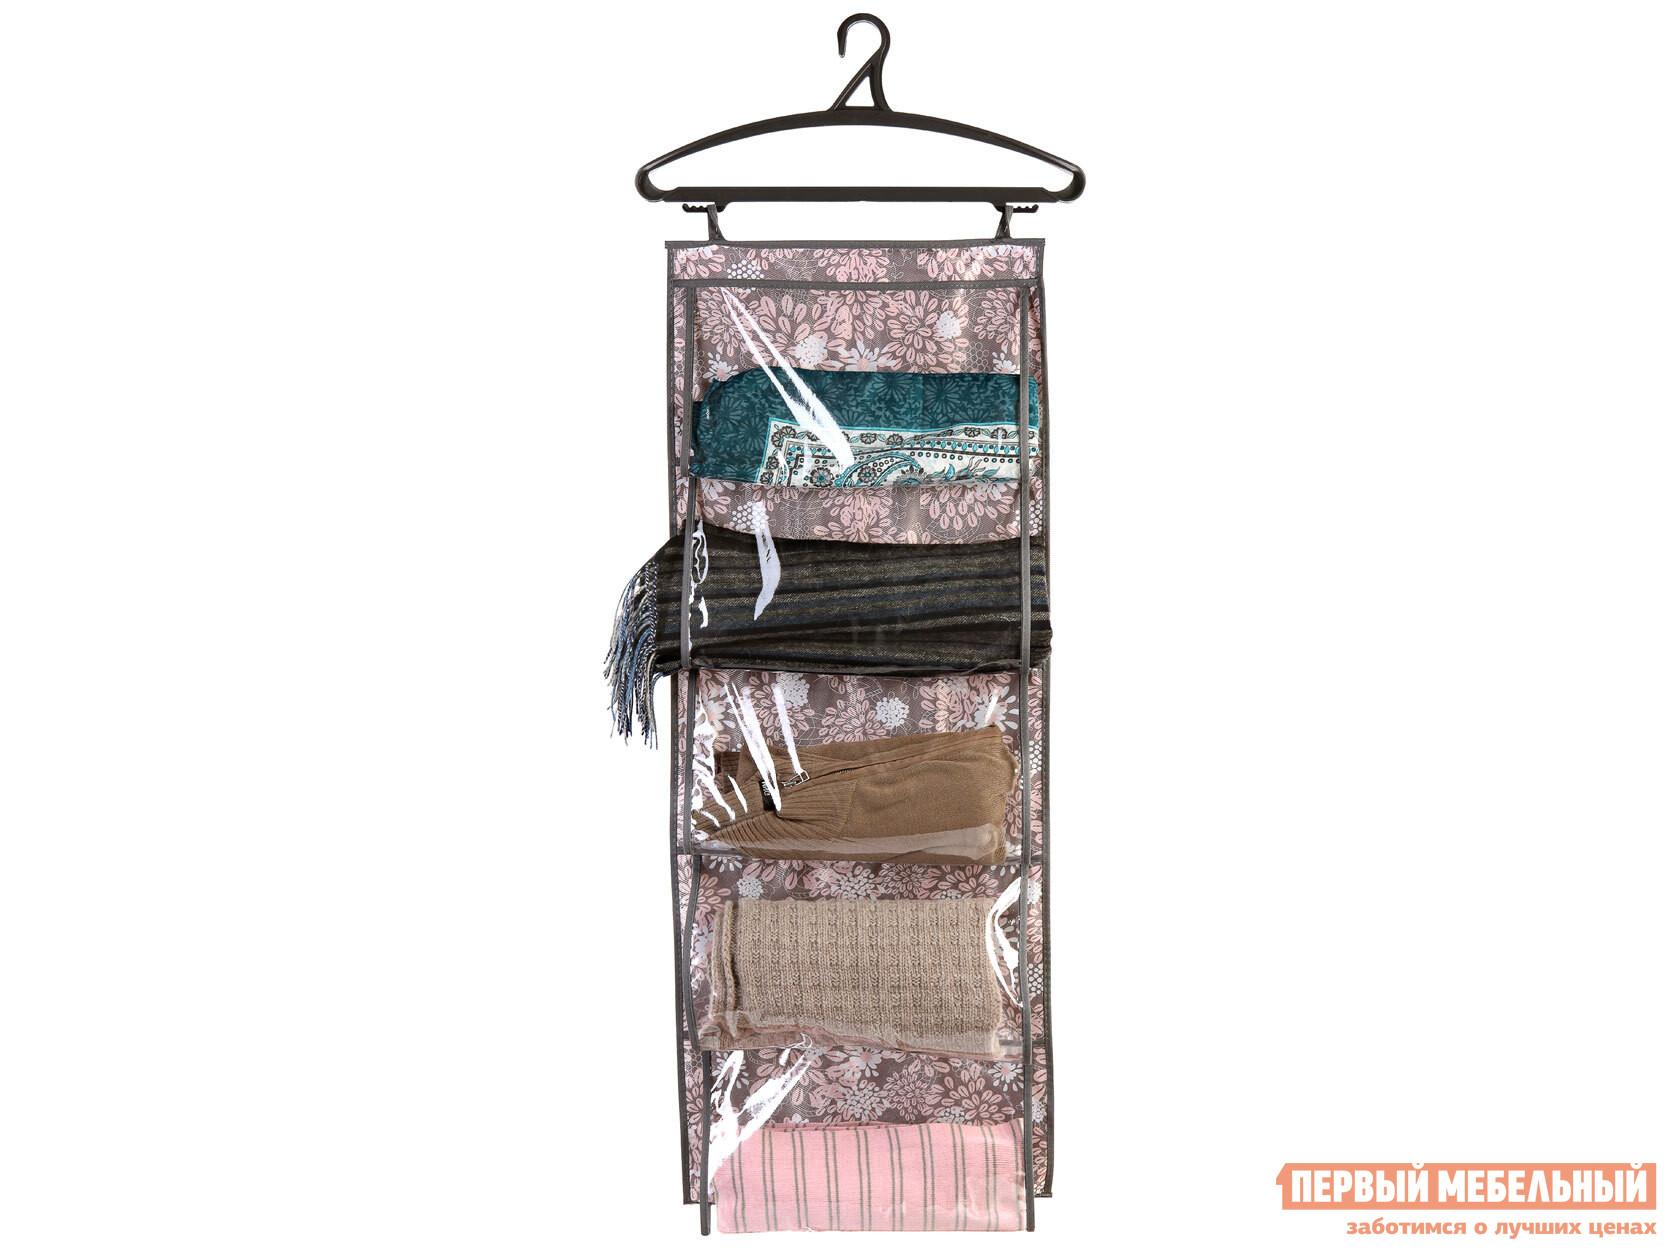 Кофр для одежды Первый Мебельный Кофр для одежды, 5 карманов, 105х40см кофр первый мебельный кофр малый 30х30х20см